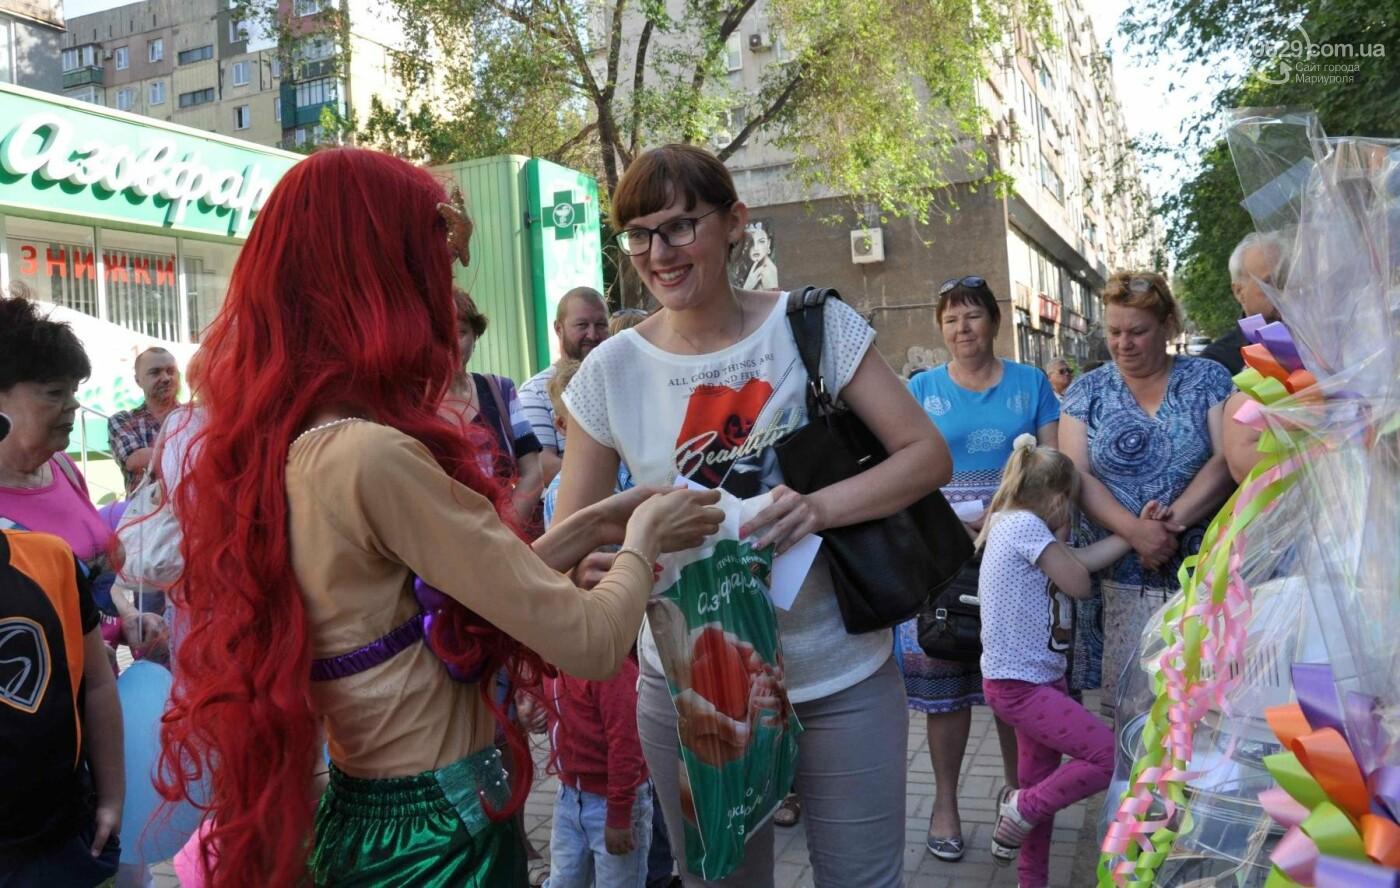 В аптеке «Азовфарм» провели праздник для детей и разыграли призы, фото-35